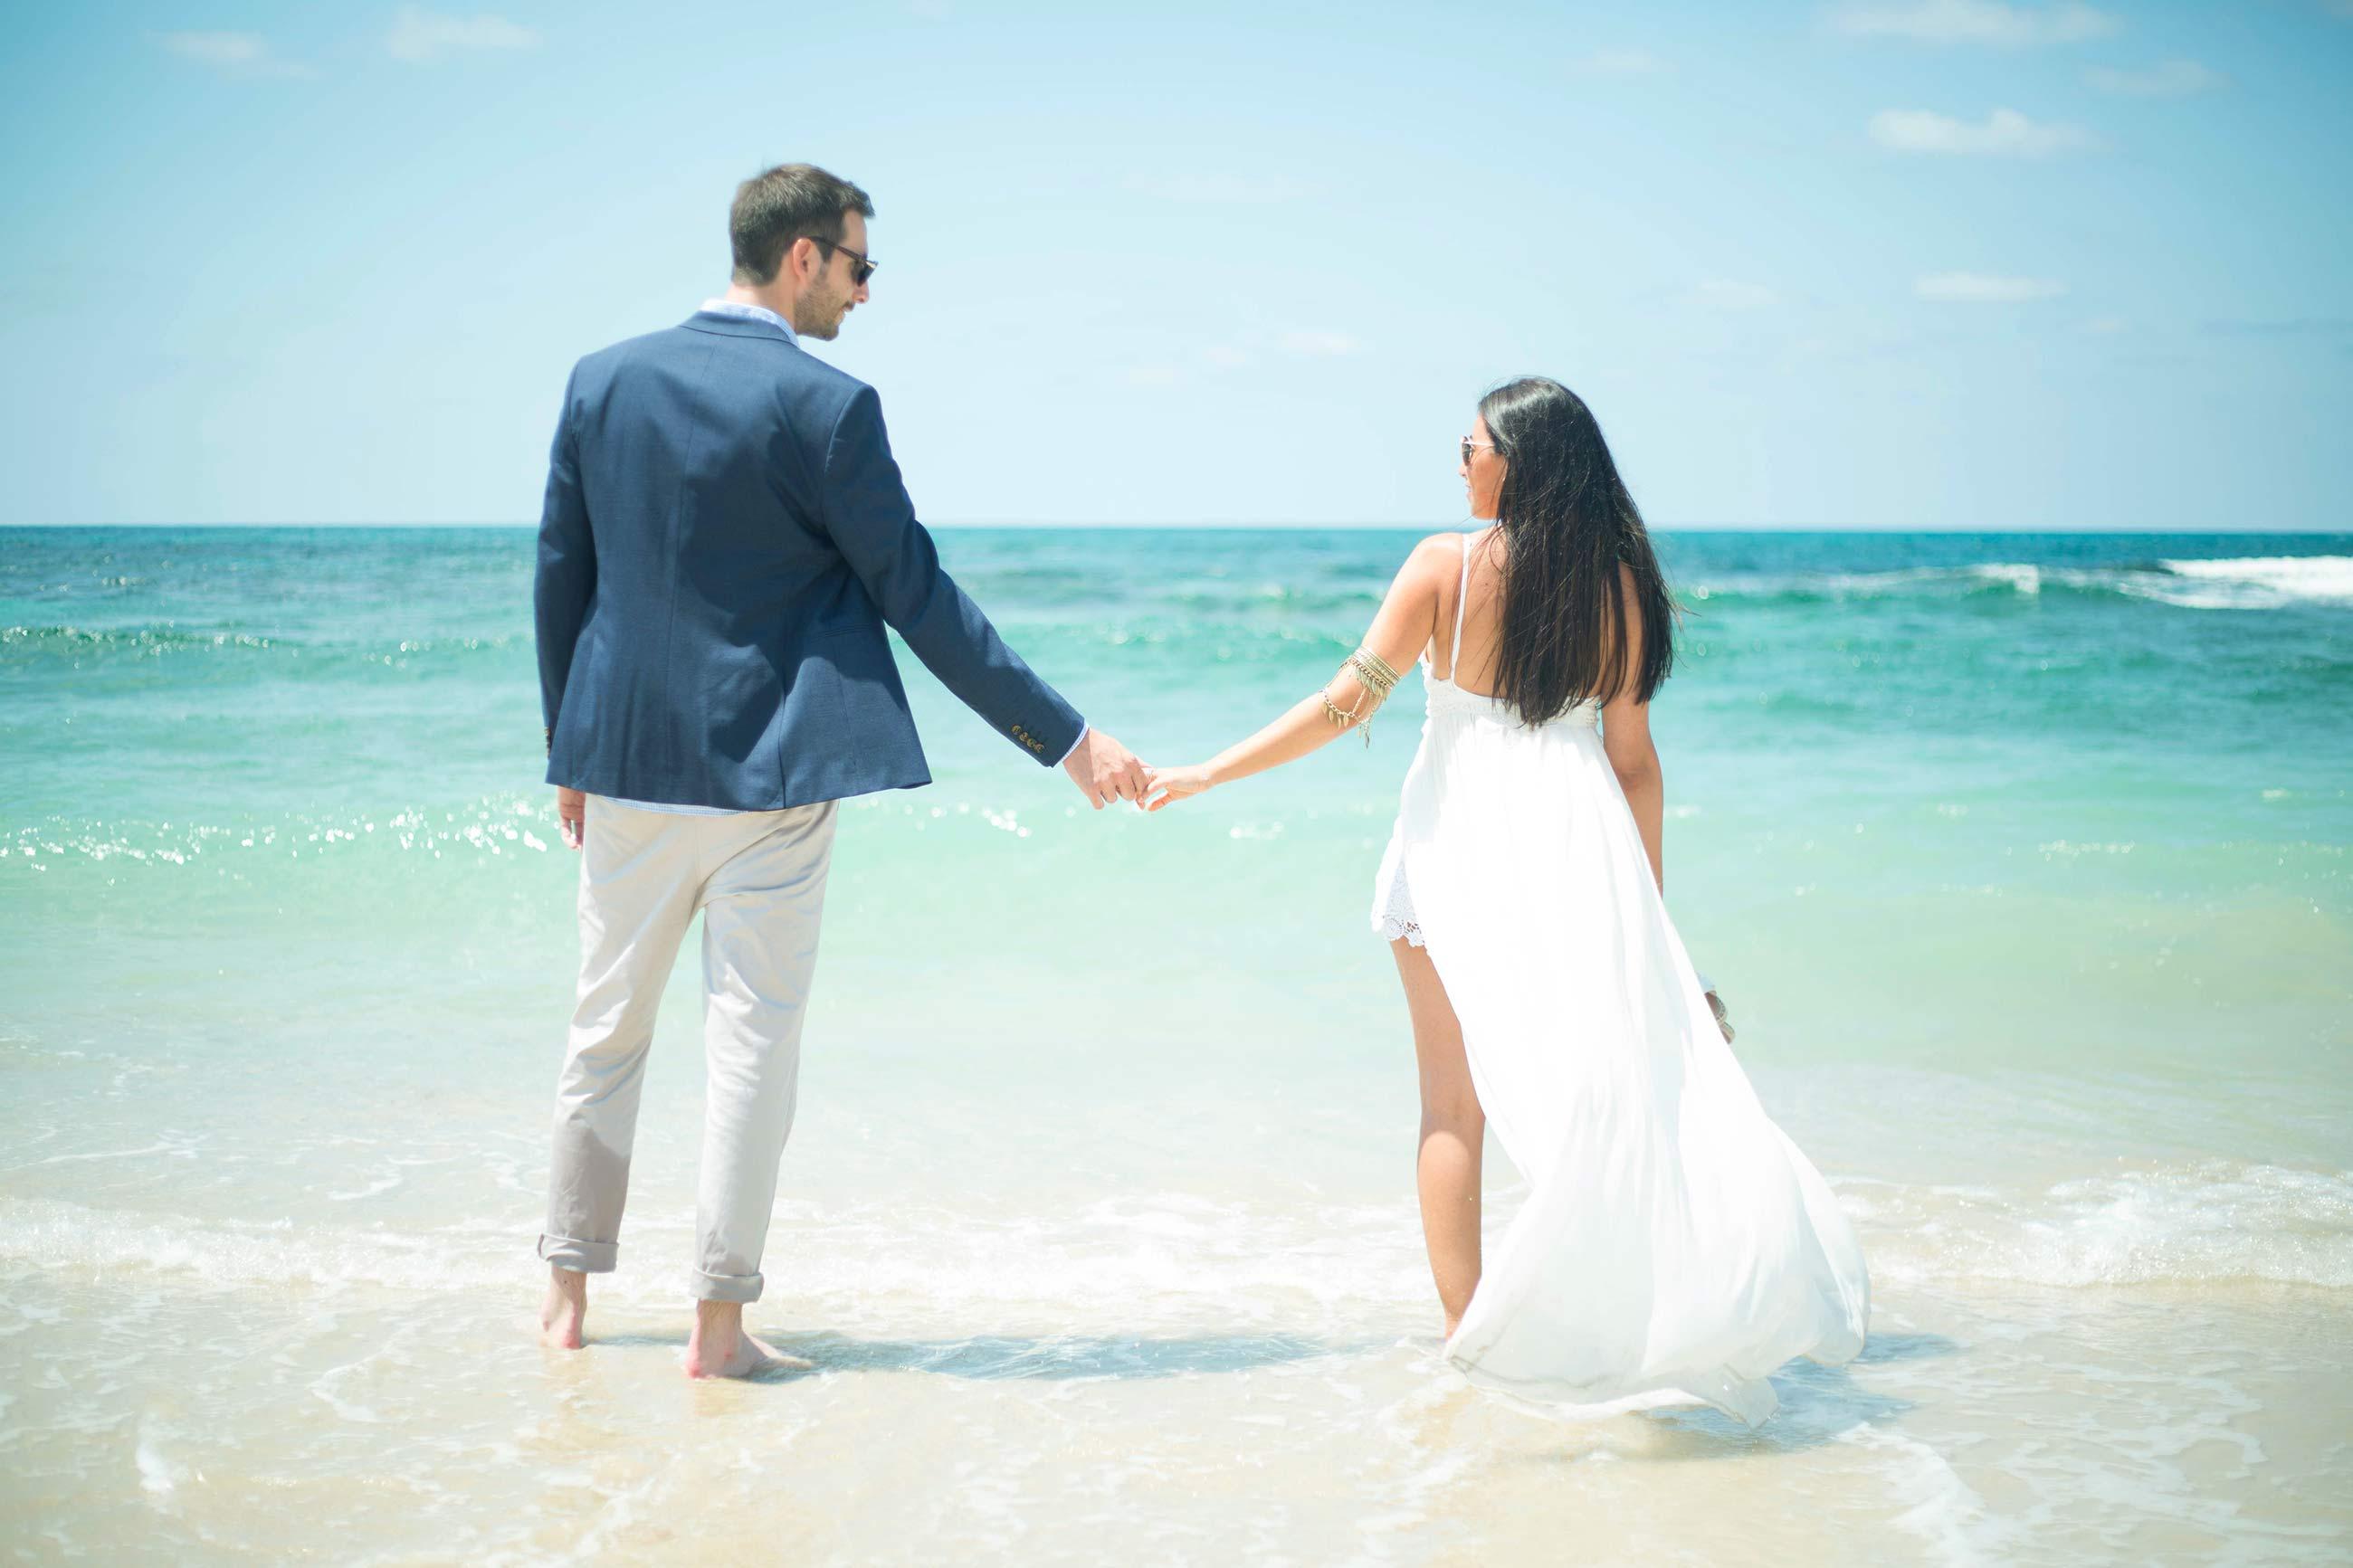 lea-jeremie-mariage-tel-aviv-israel-photographe-paris-video10